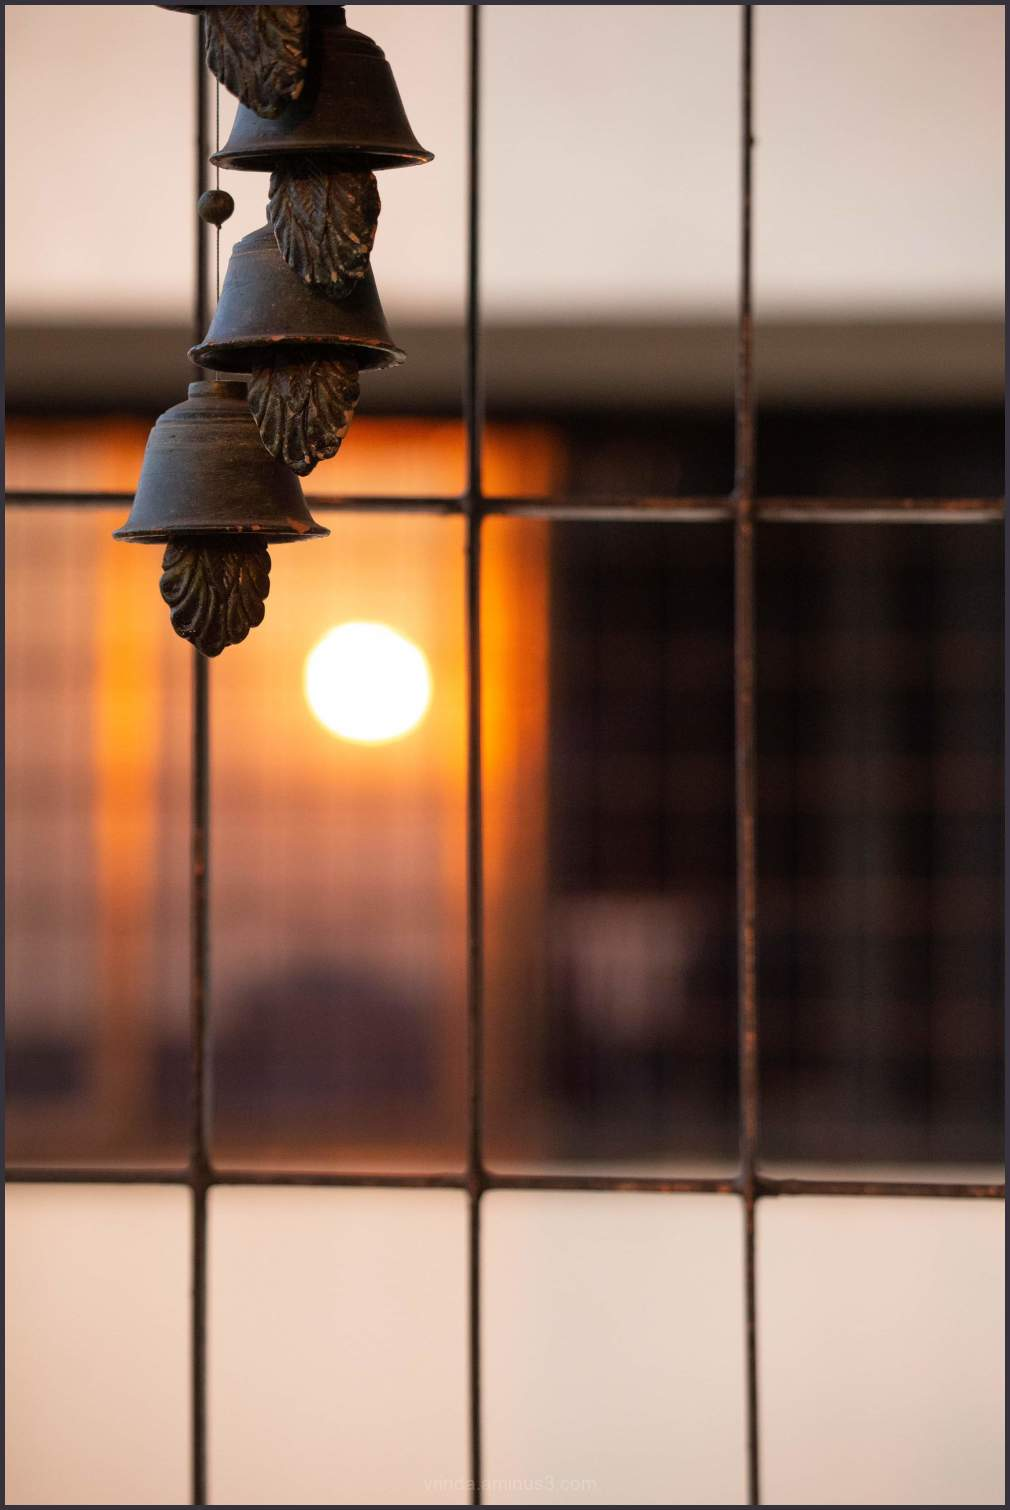 Morning bells